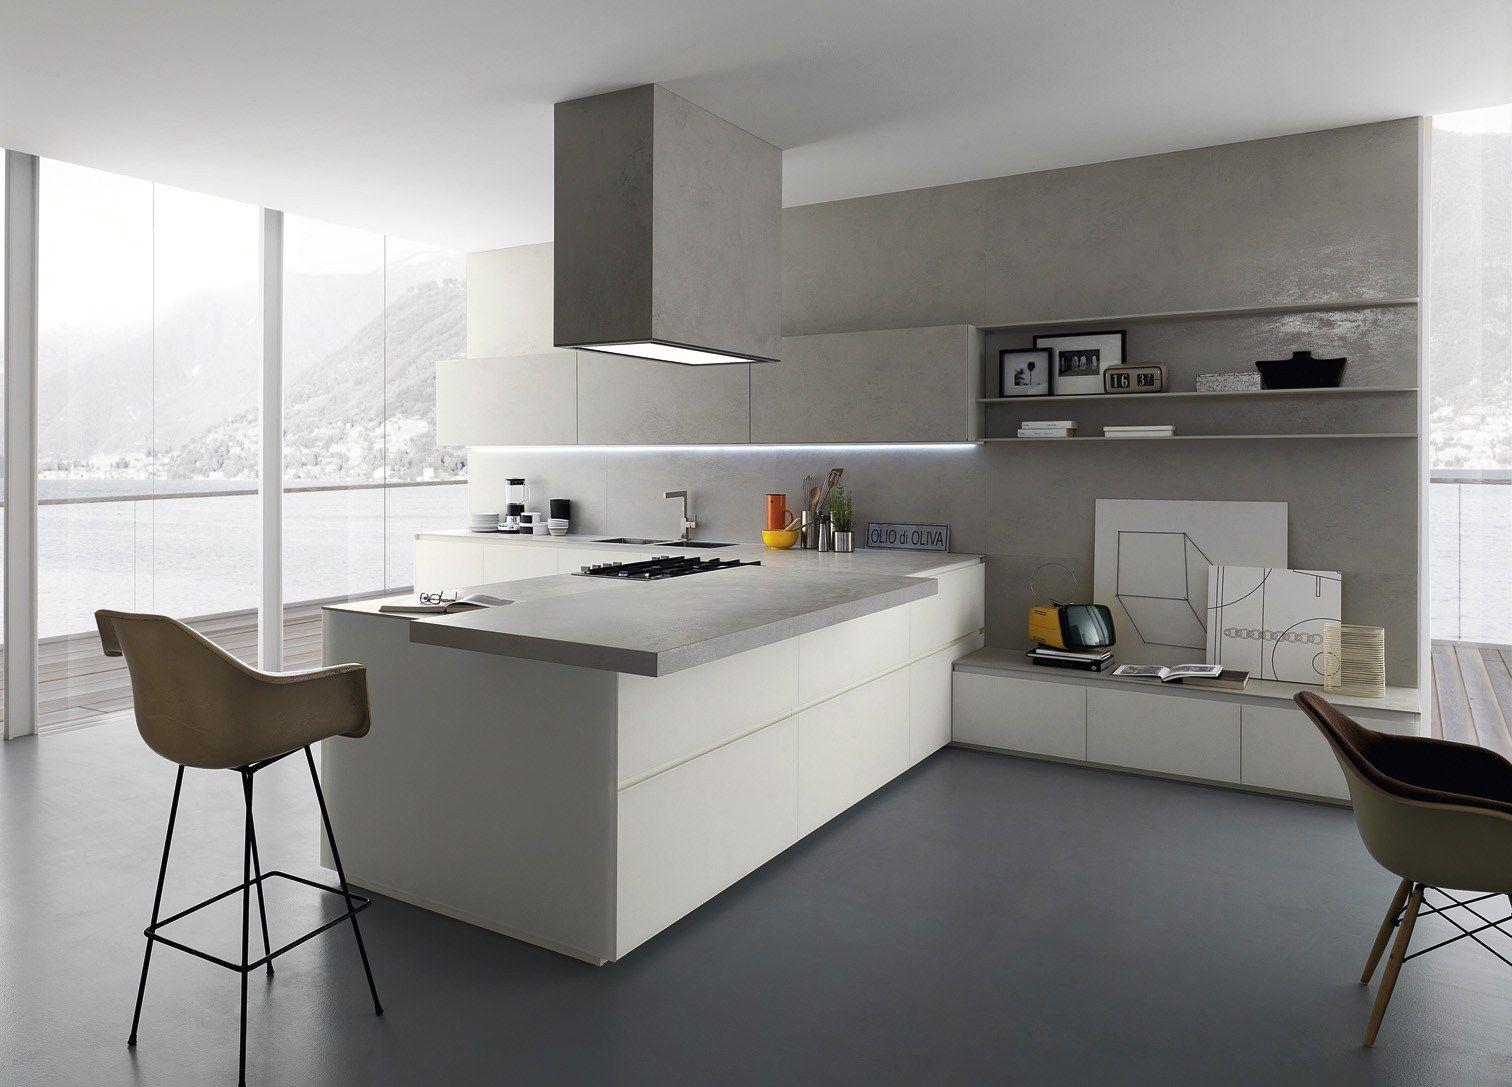 GLASSTONE Cucina by Zampieri Cucine design Stefano Cavazzana